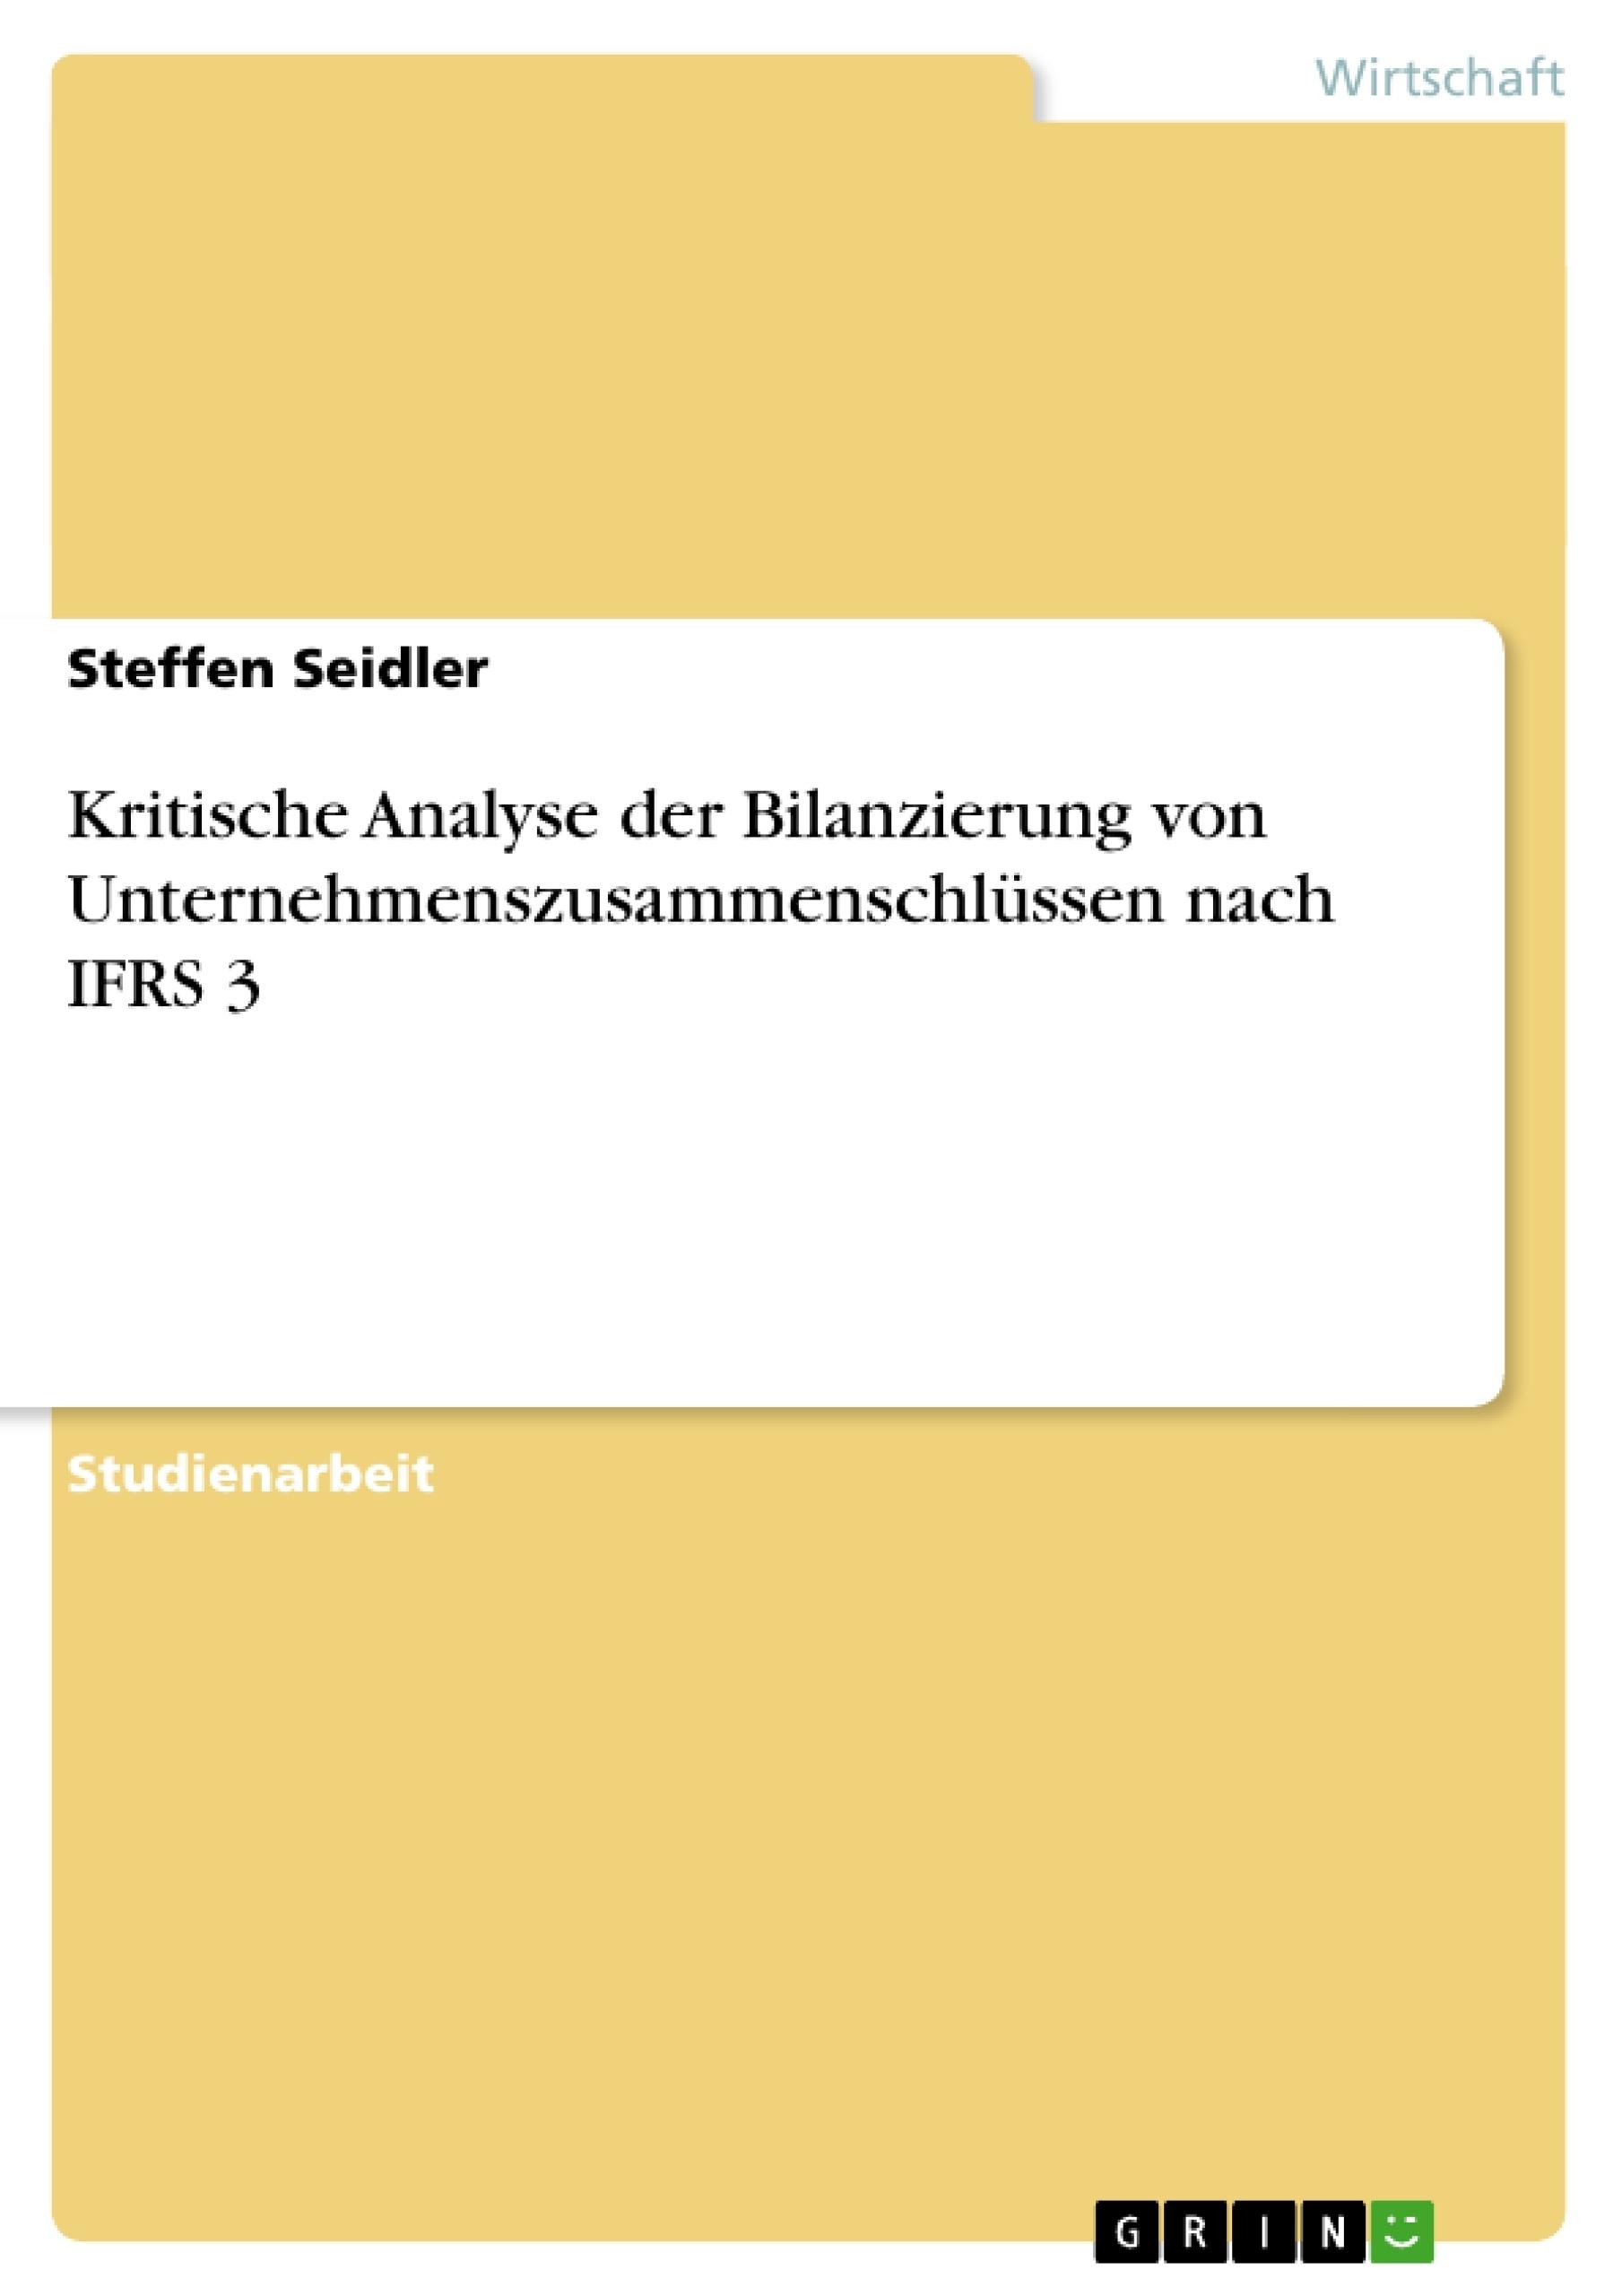 Titel: Kritische Analyse der Bilanzierung von Unternehmenszusammenschlüssen nach IFRS 3